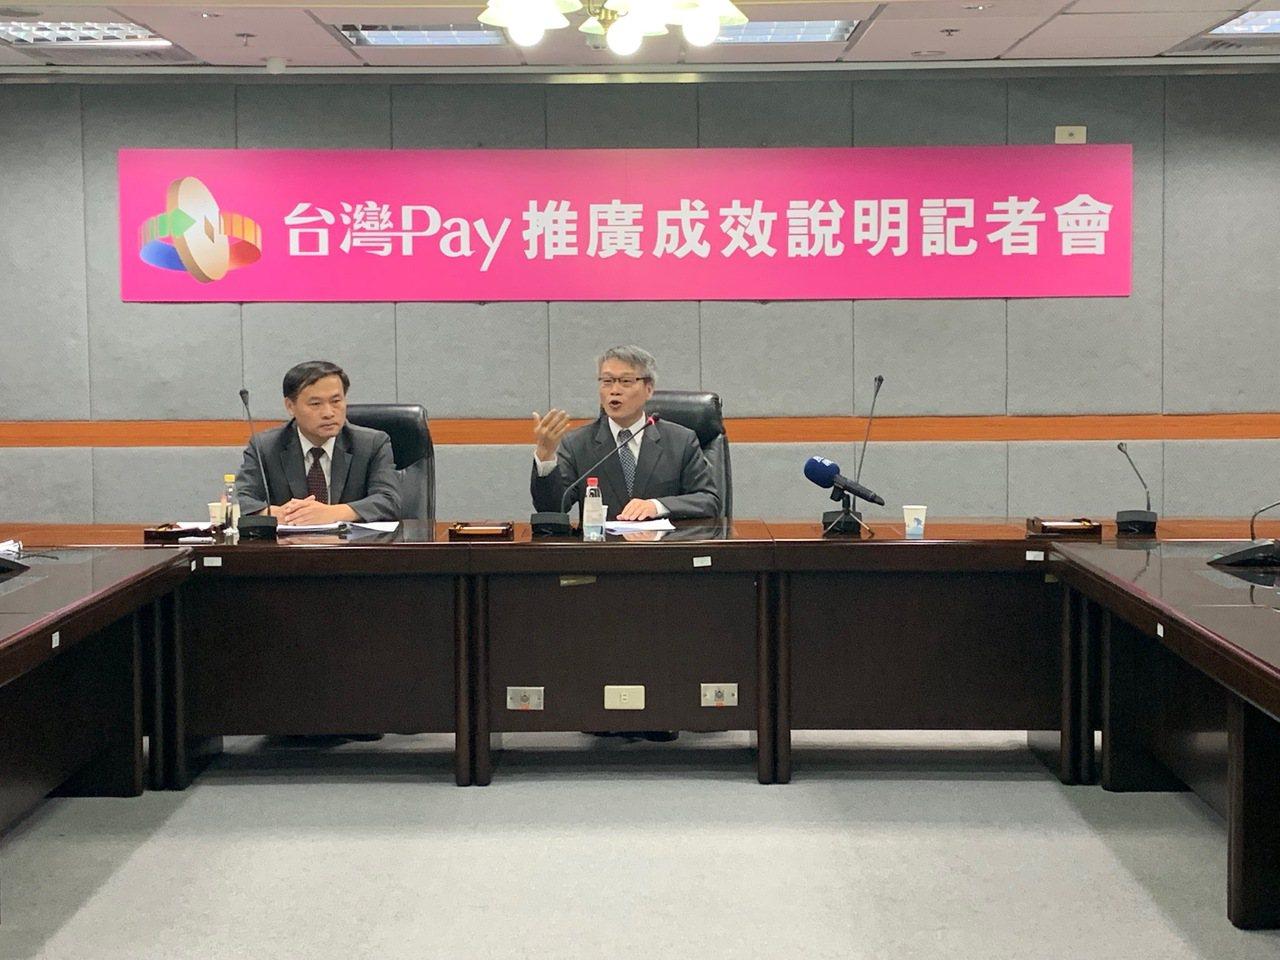 財金公司總經理黃昱程、董事長林國良(由左至右)召開記者會說明。記者徐力剛/攝影